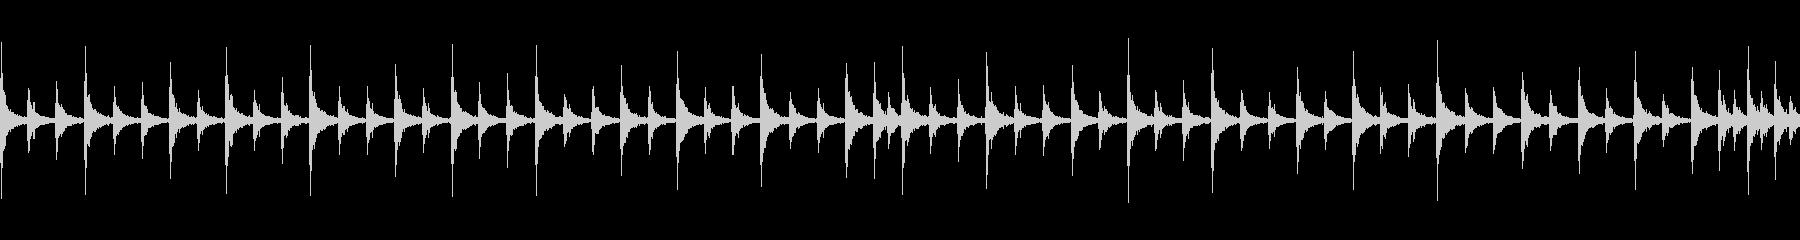 ブラスバンドスネアとシンバルのジングルの未再生の波形